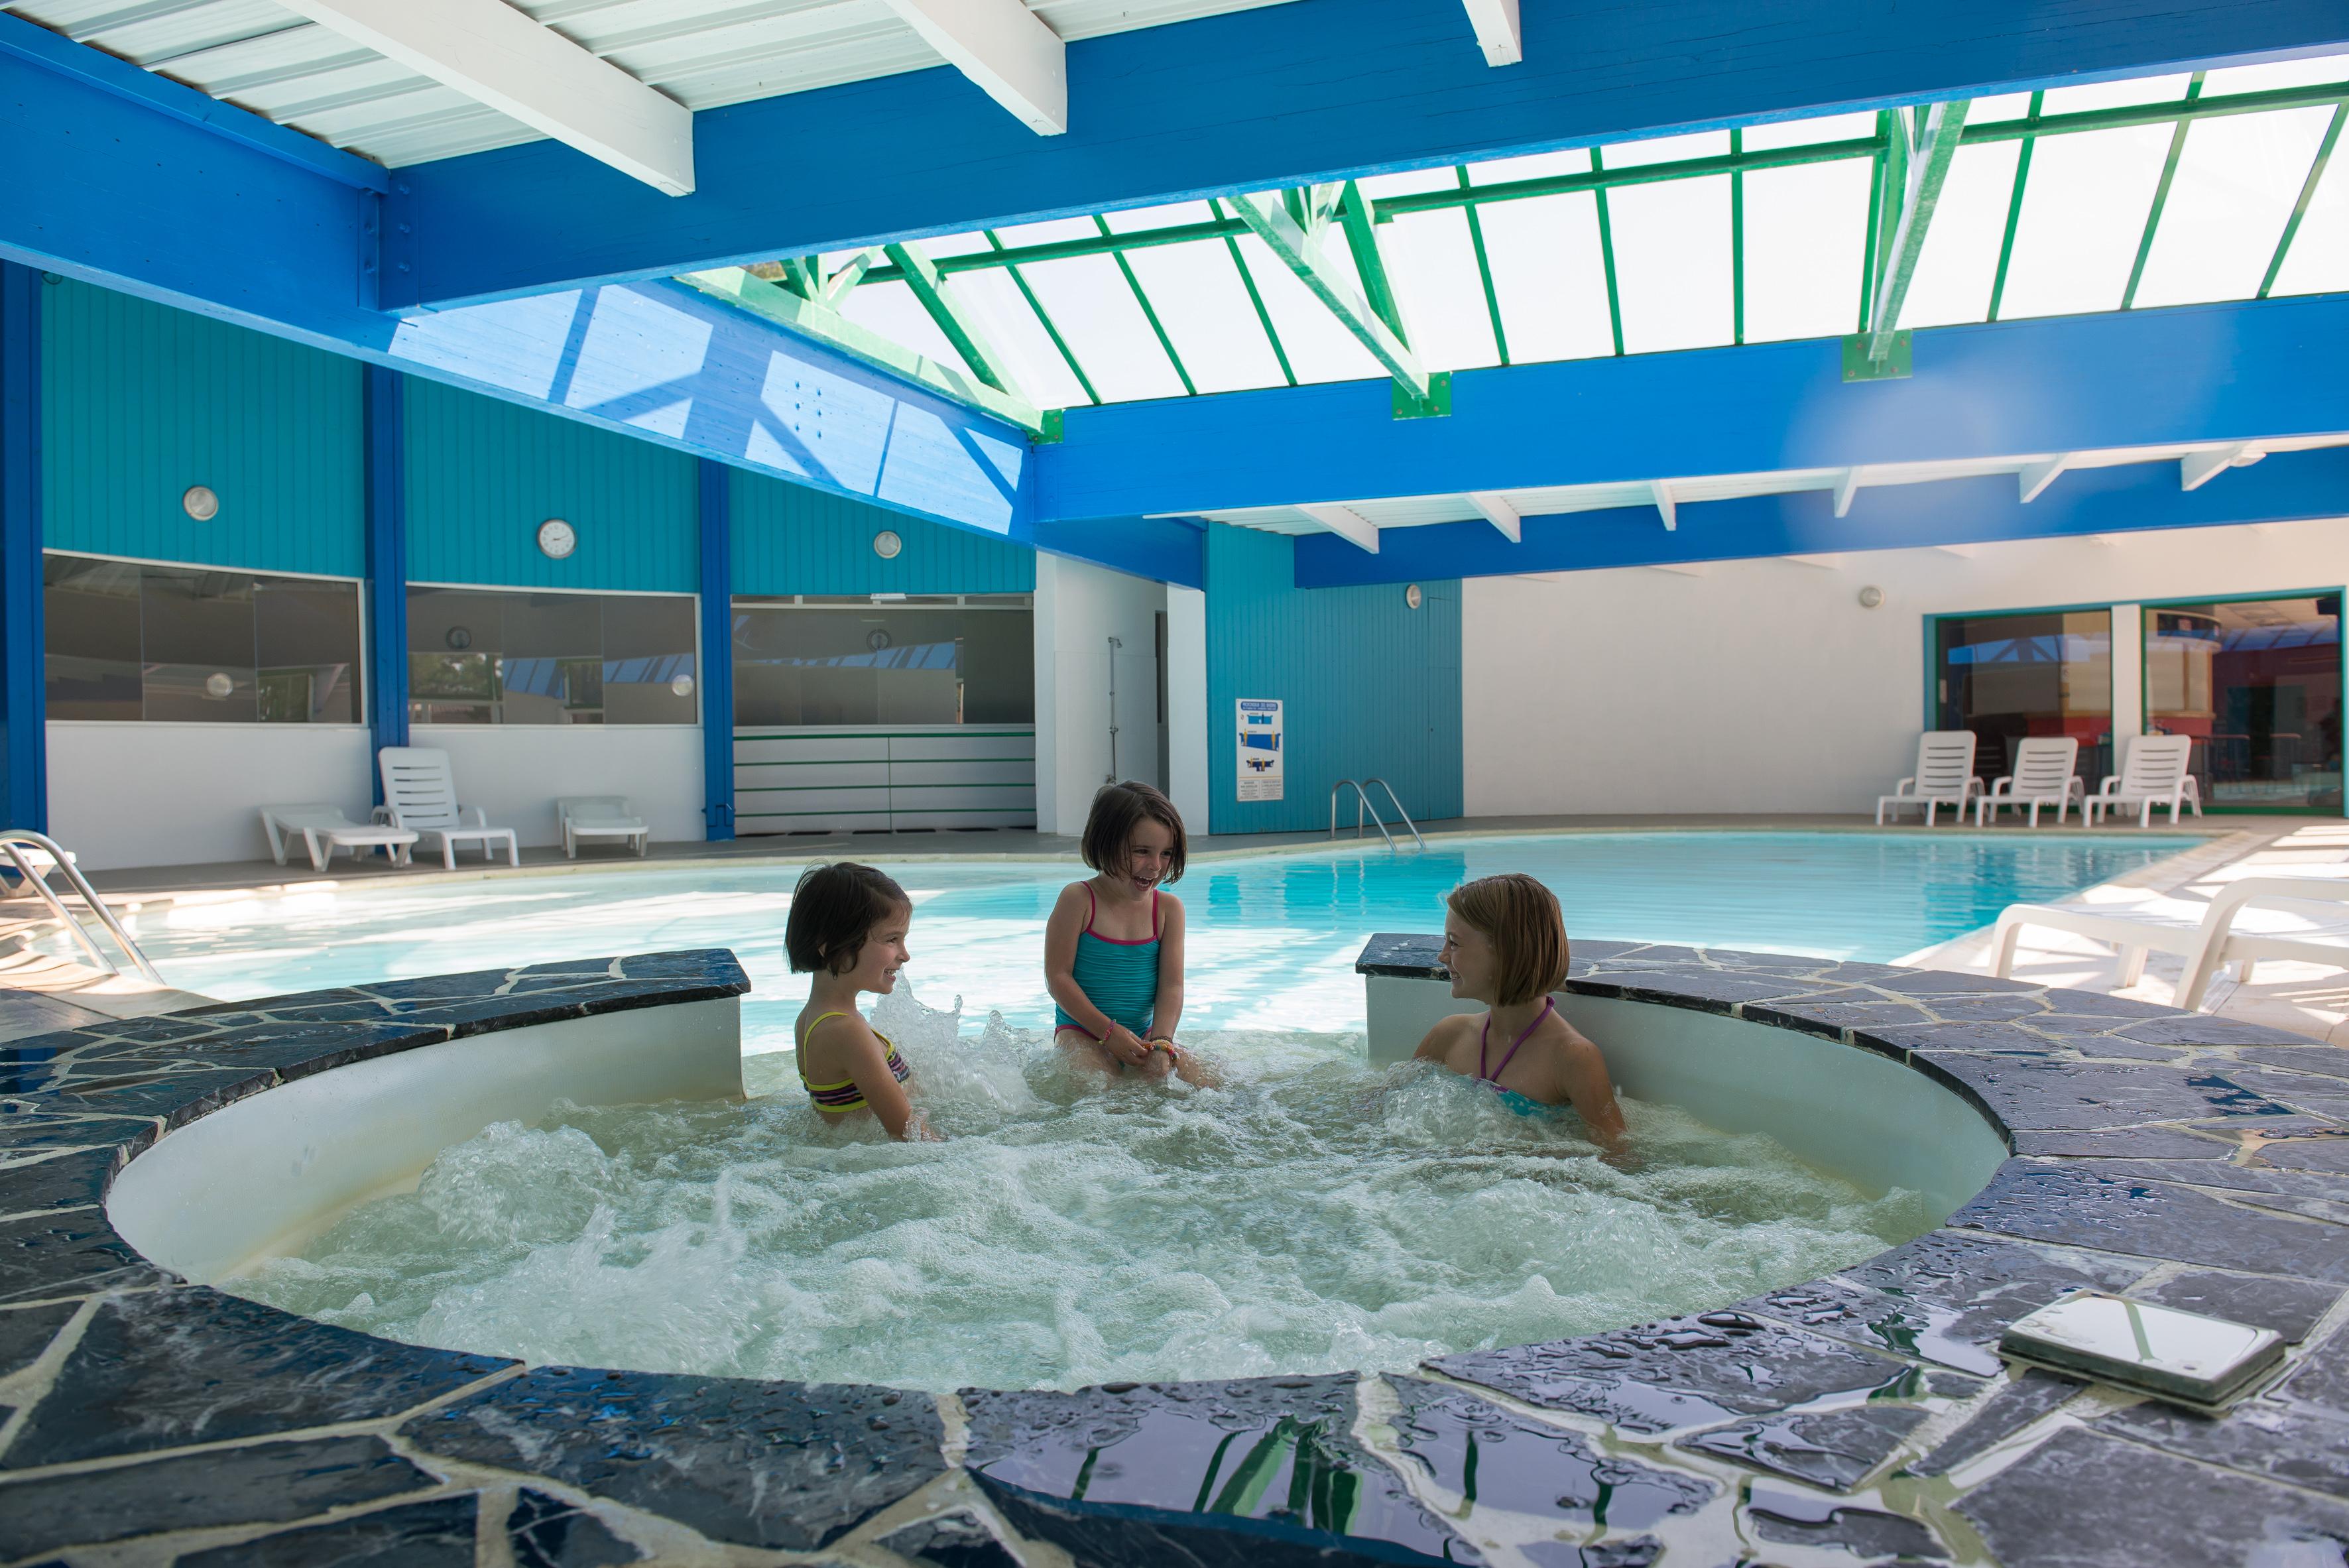 Camping familial avec piscine couverte en vend e camping for Petit camping familial avec piscine